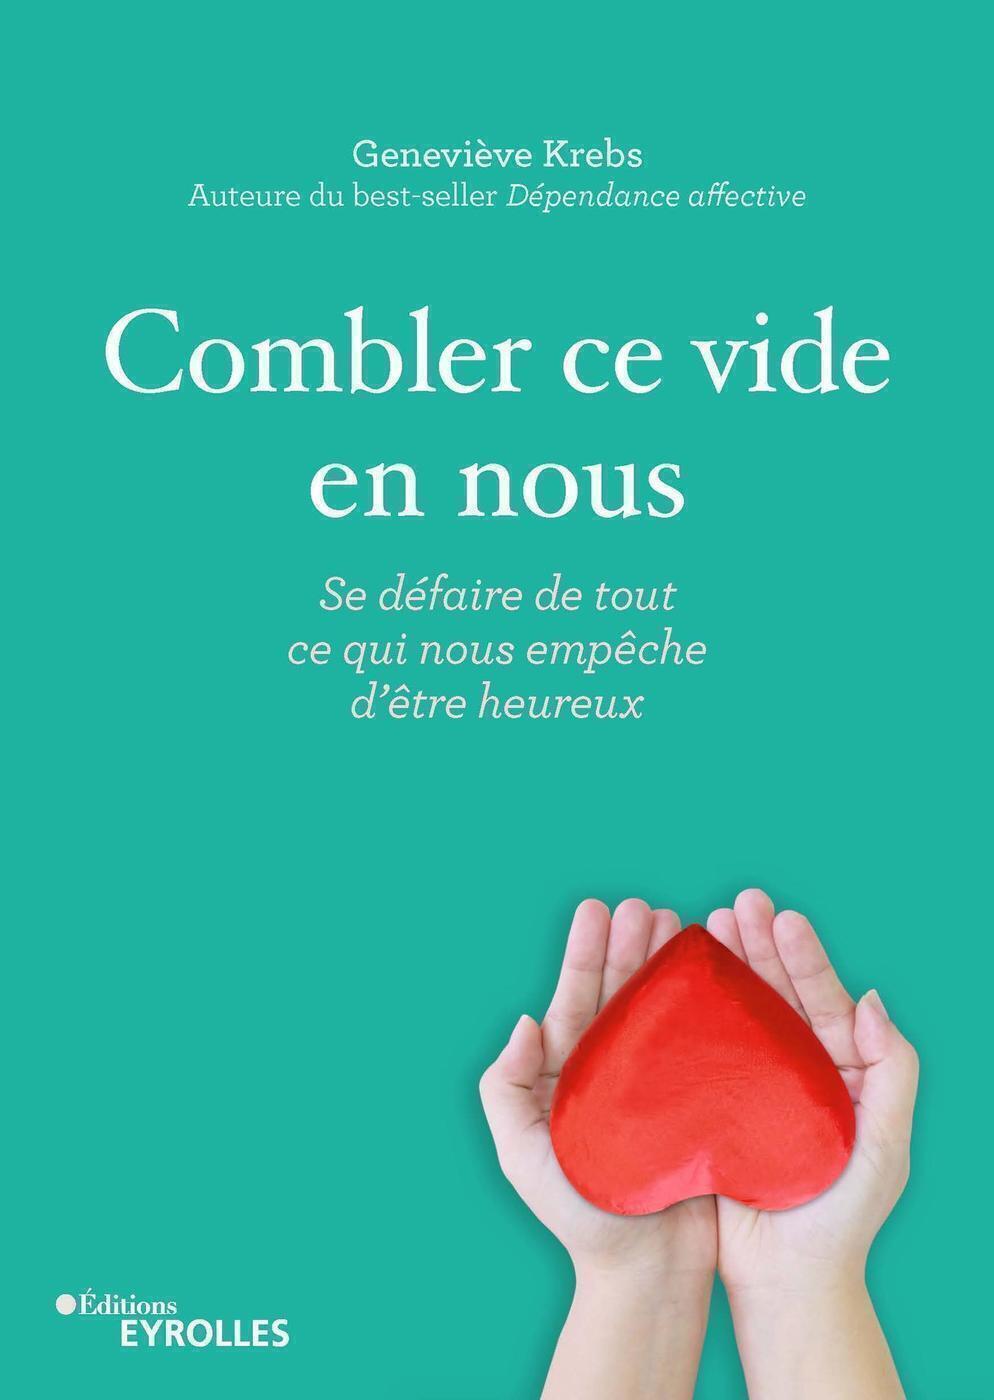 COMBLER CE VIDE EN NOUS - SE DEFAIRE DE TOUT CE QUI NOUS EMPECHE D'ETRE HEUREUX